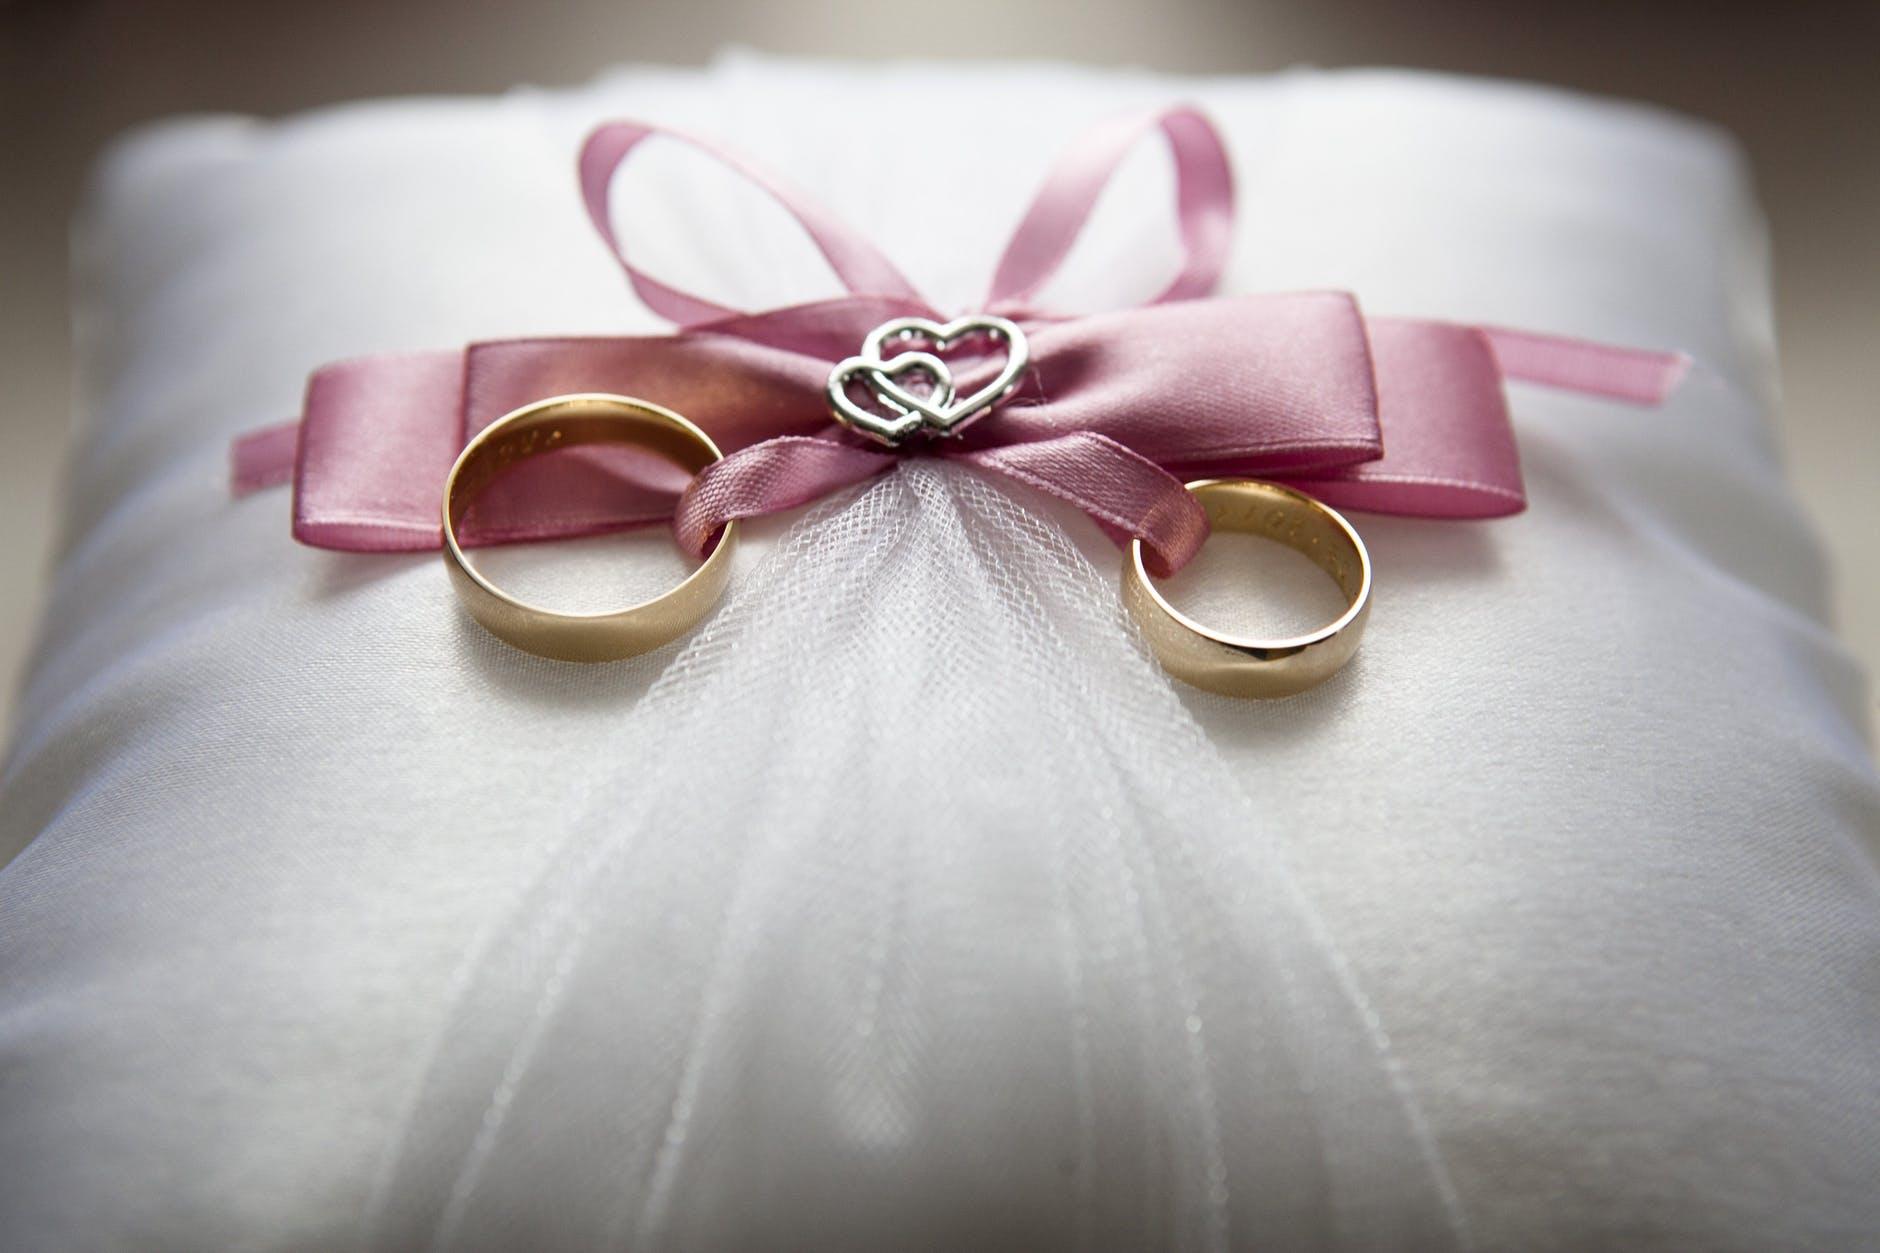 Sistem Pengurusan Perkahwinan Islam Malaysia Terkini - 2021